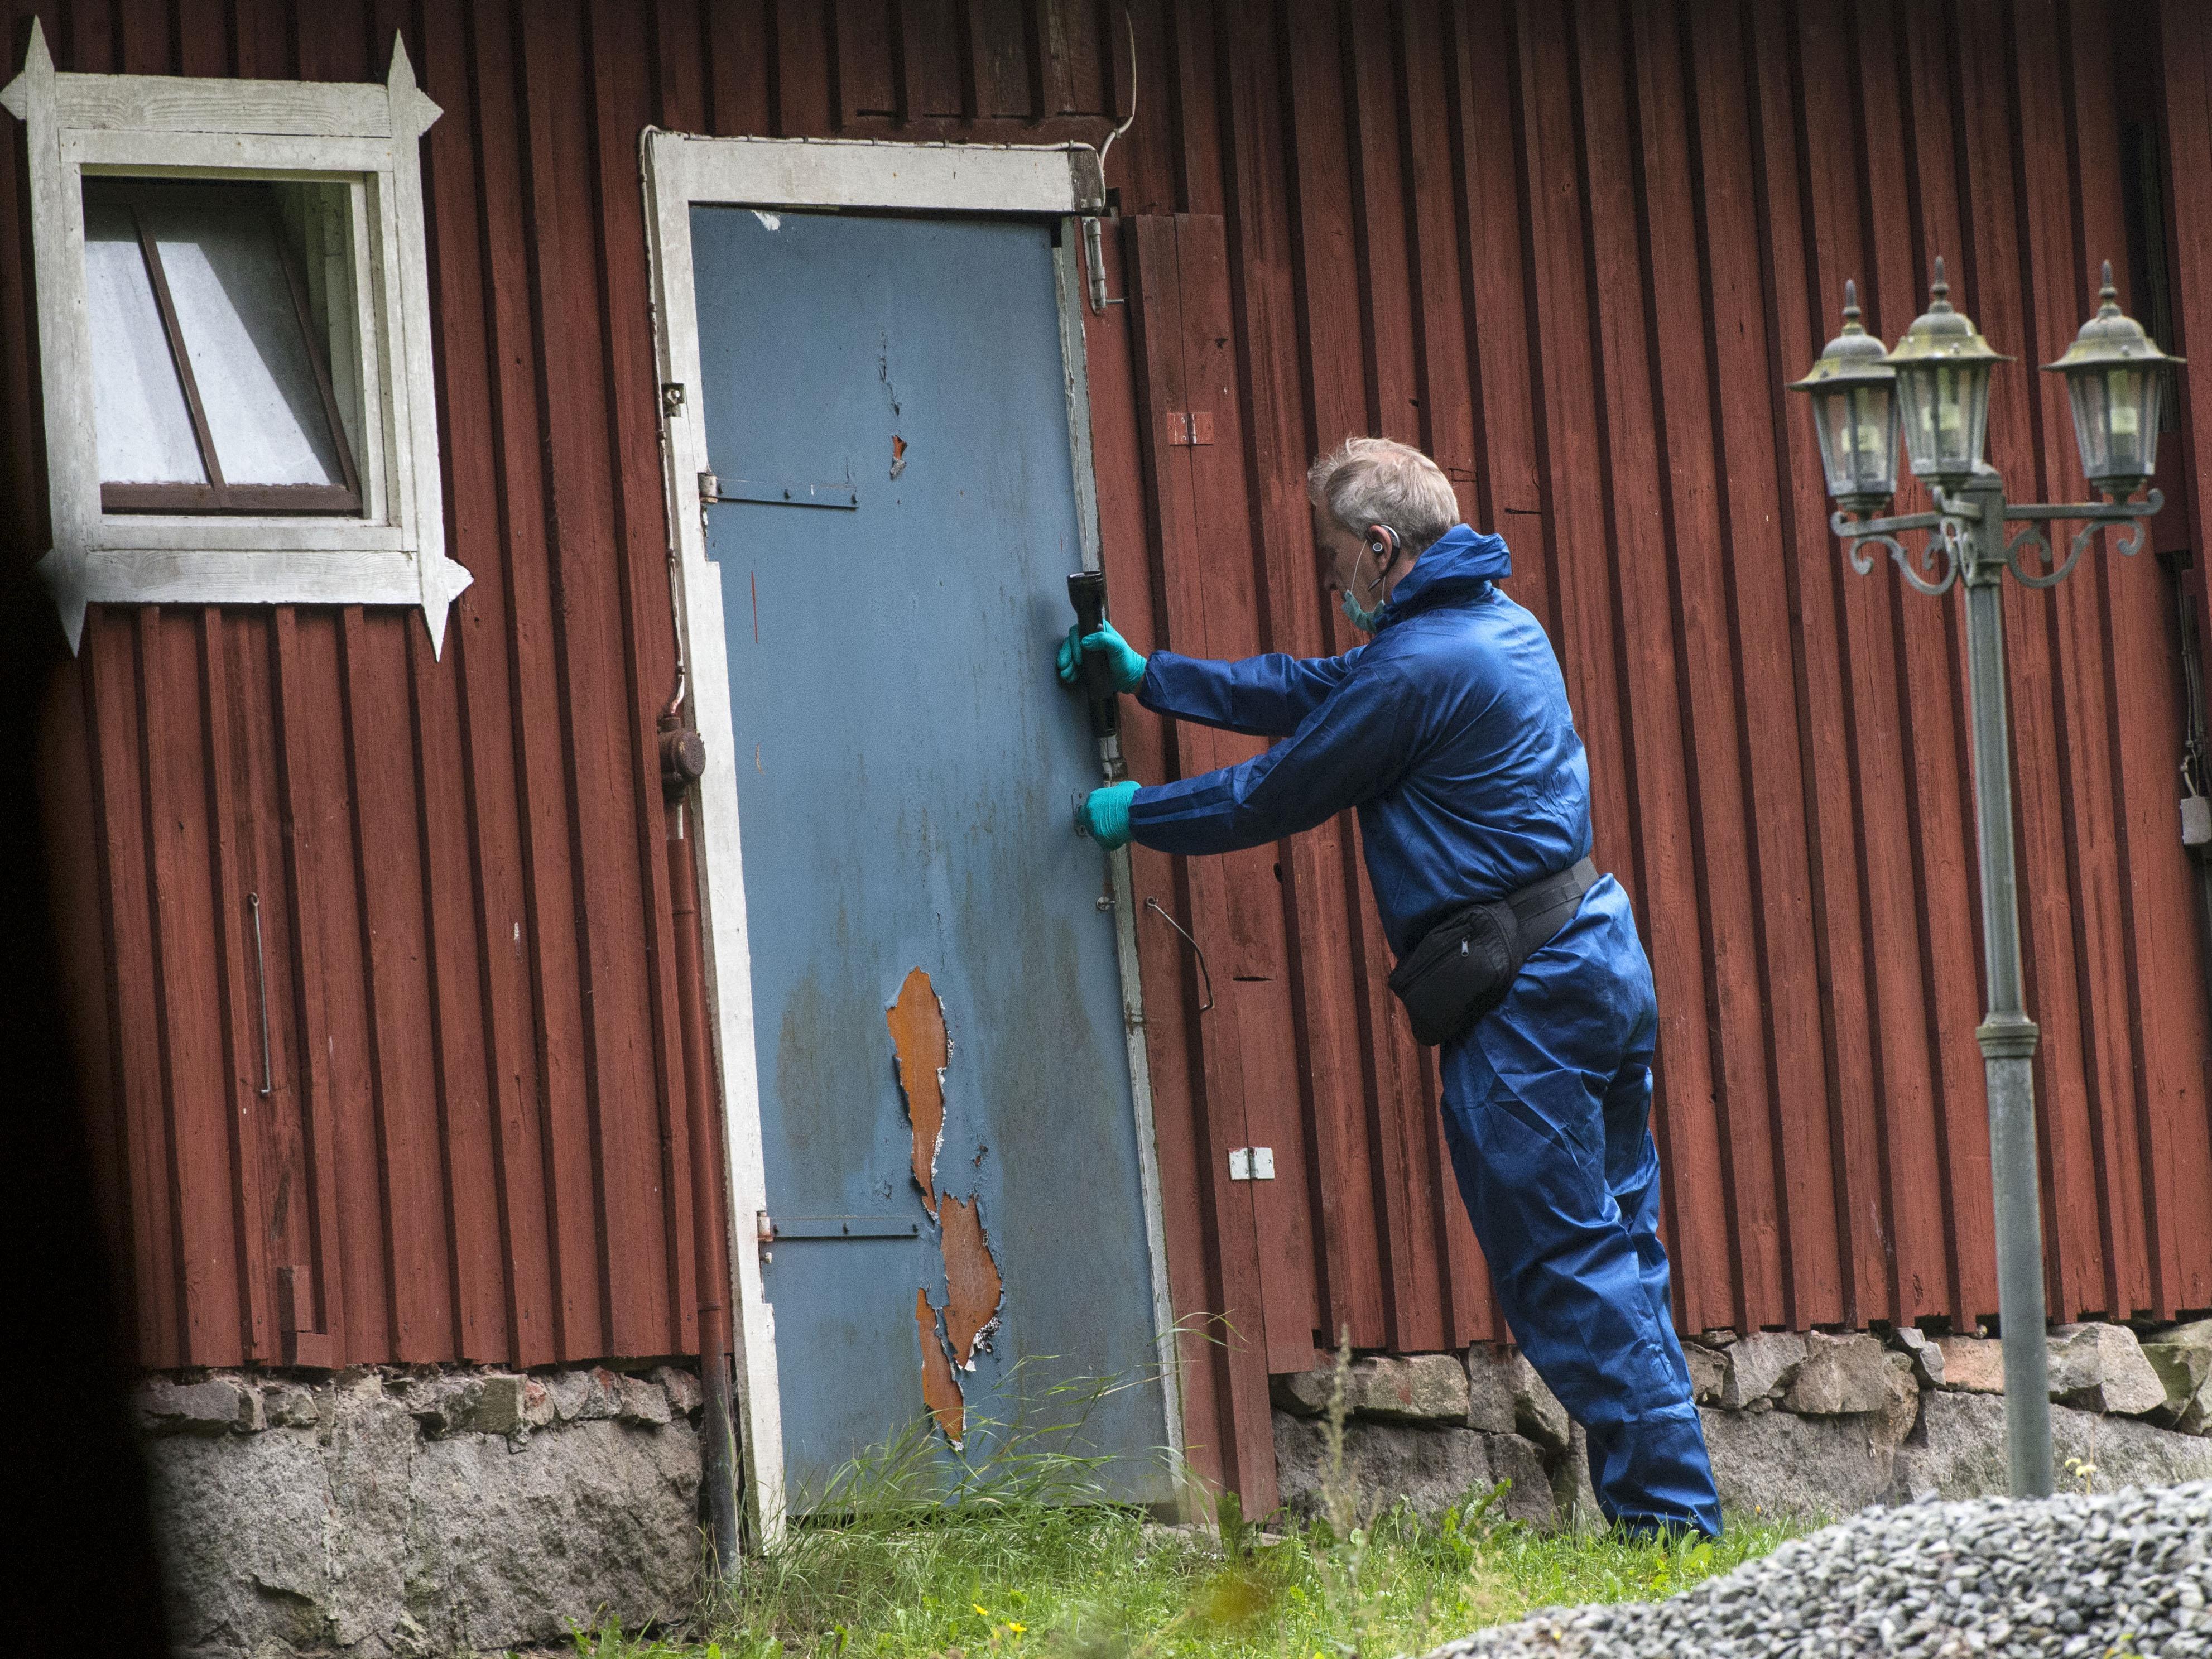 Schwedischer Arzt soll Frau in Bunker gesperrt haben.